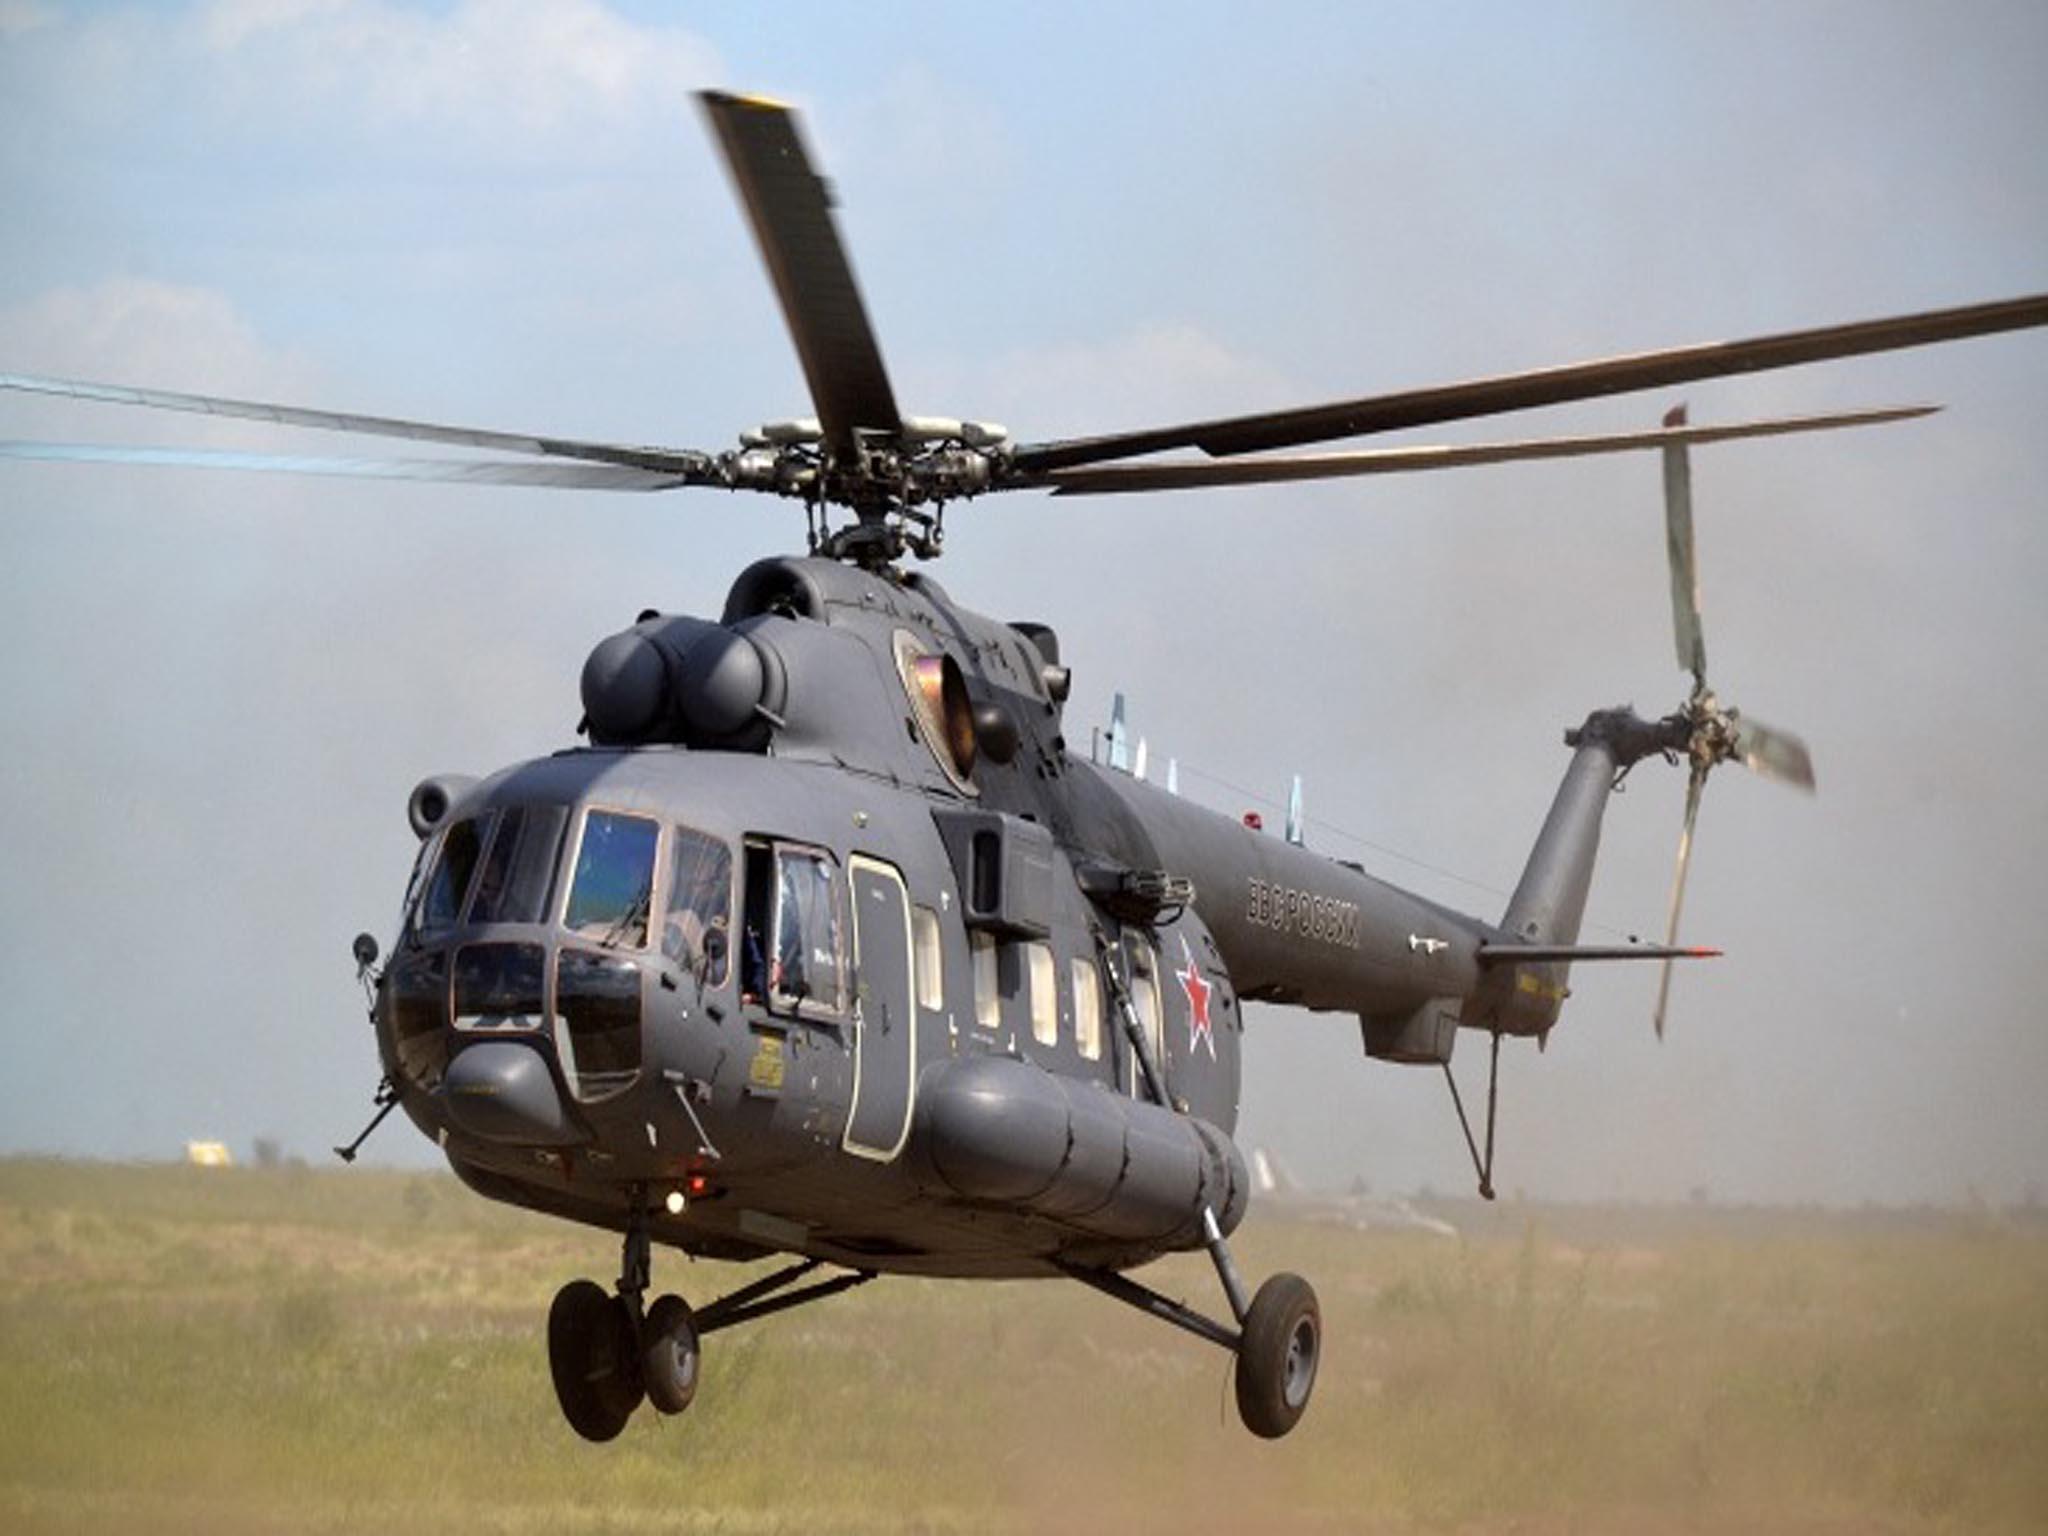 Пастуха овец эвакуировали вертолетом с Черкесского перевала